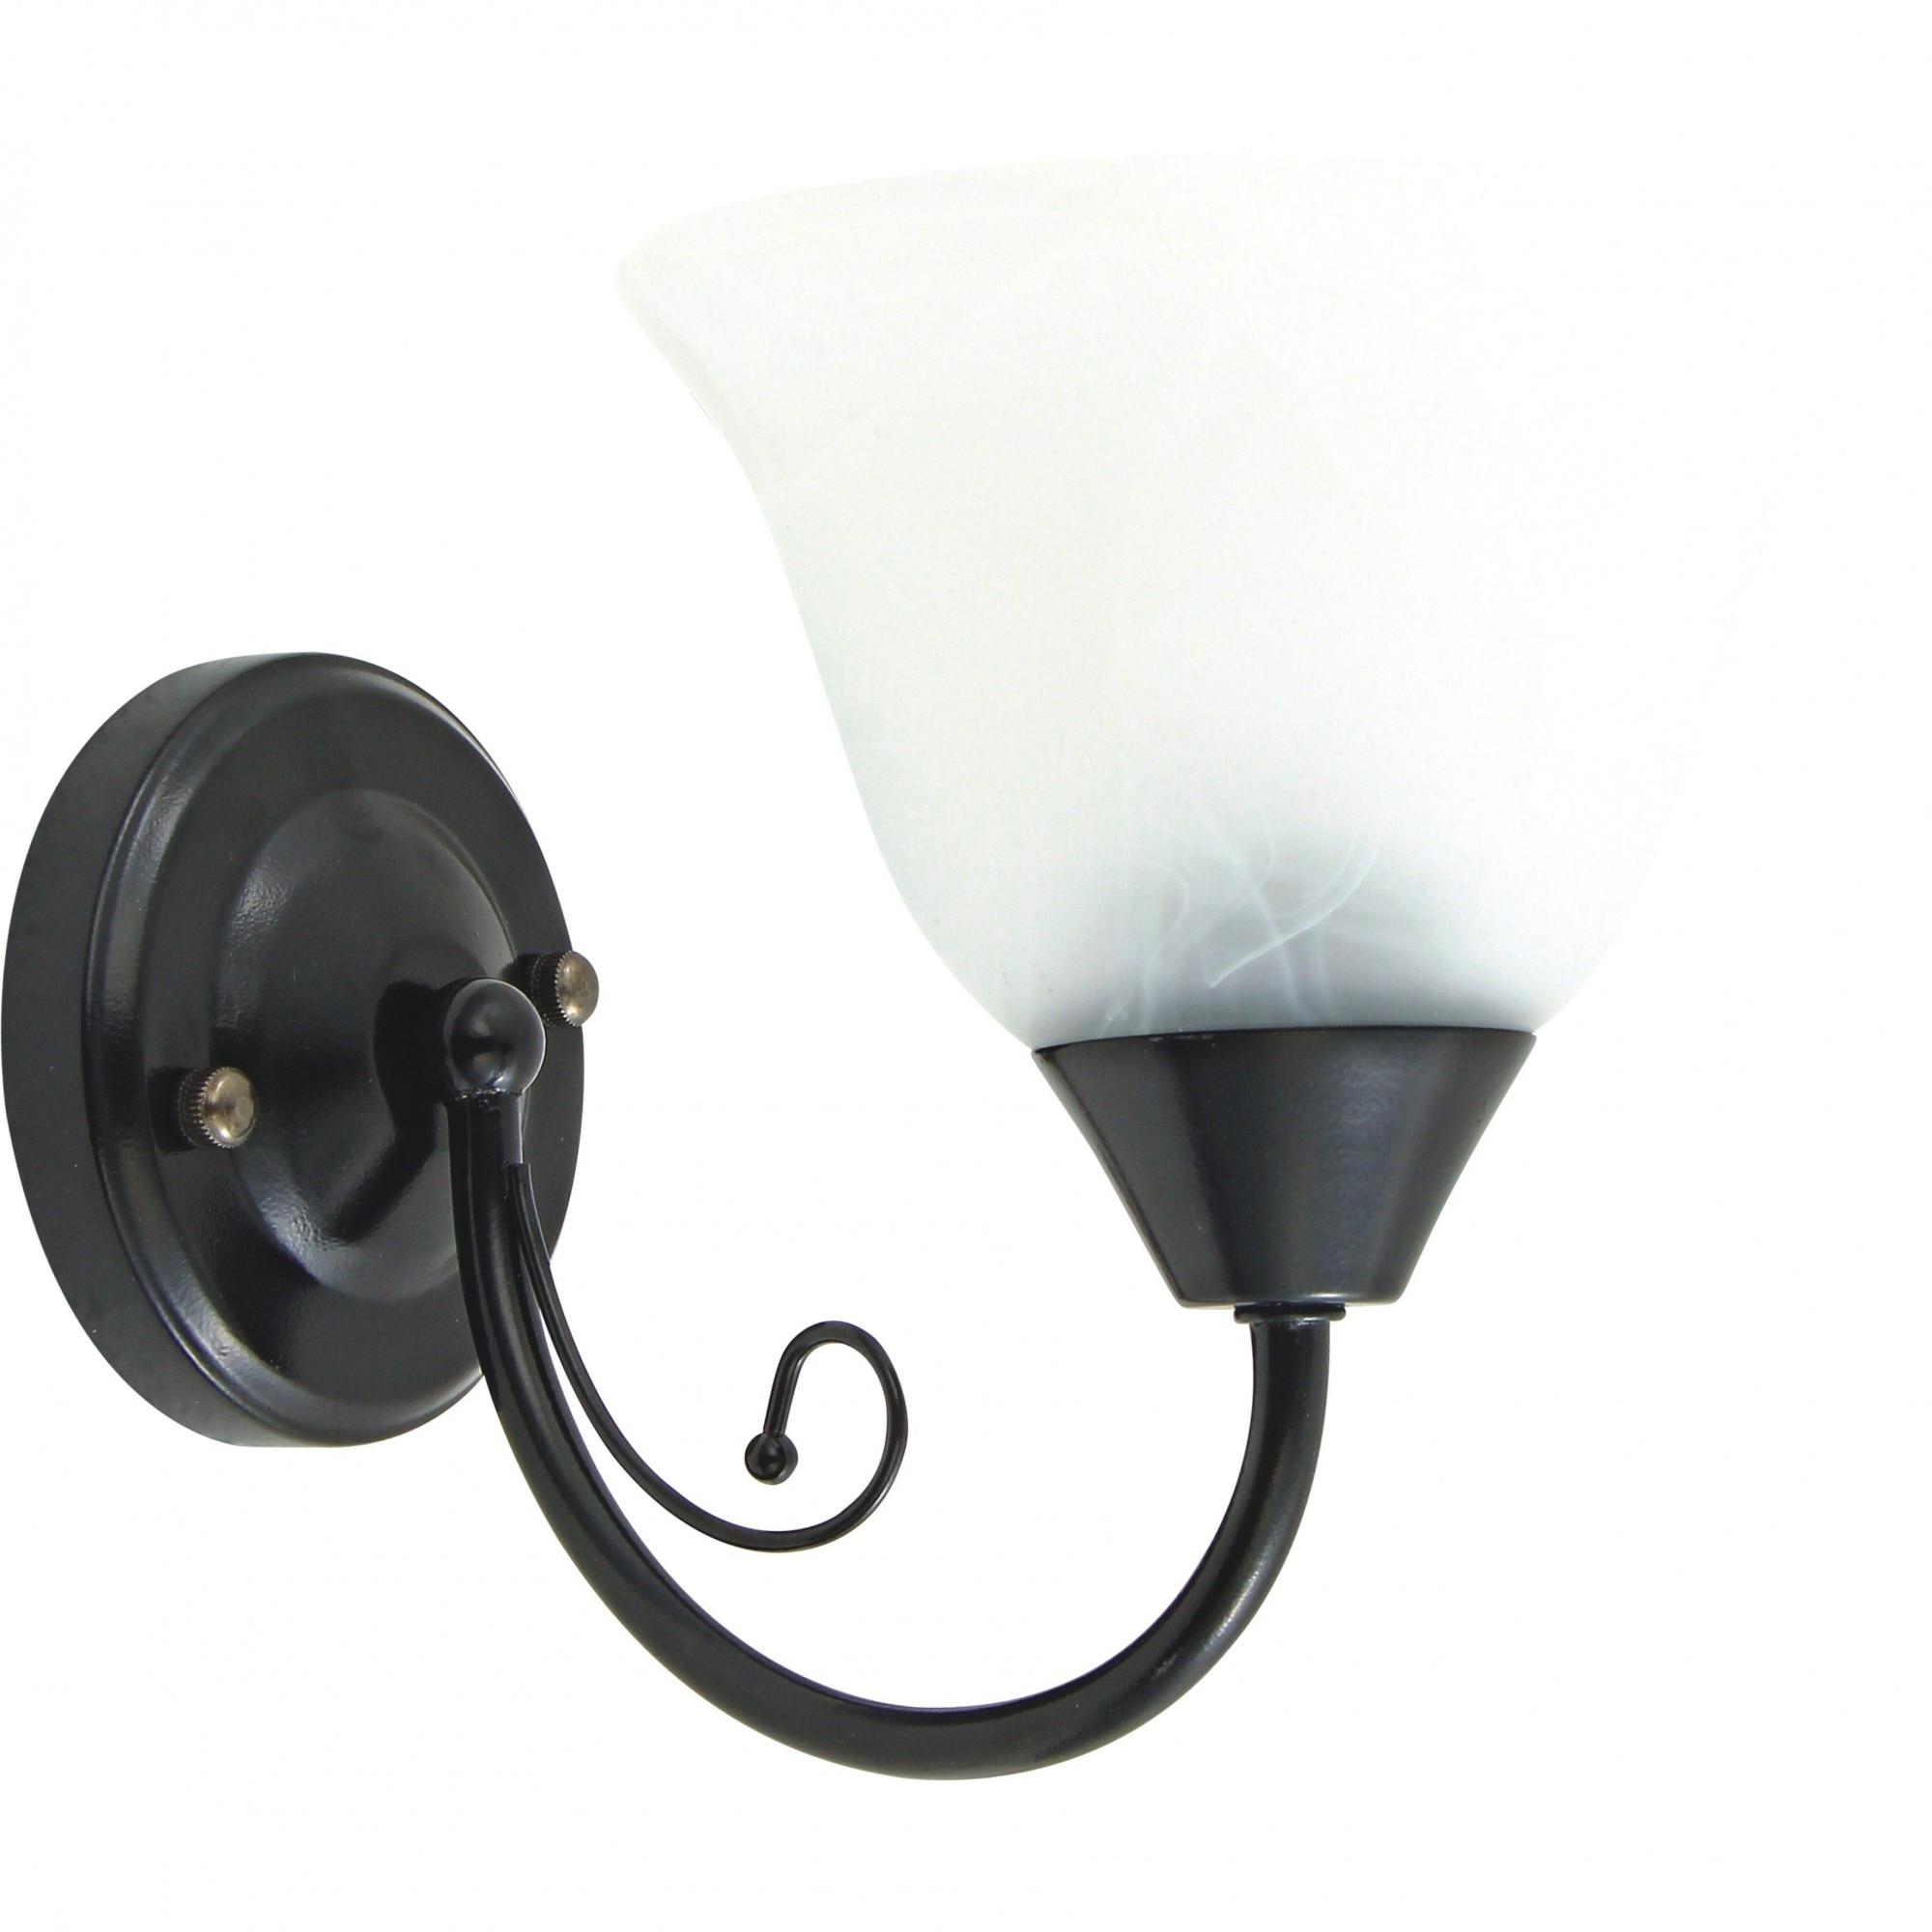 boston fehér kültéri fali lámpa eladó